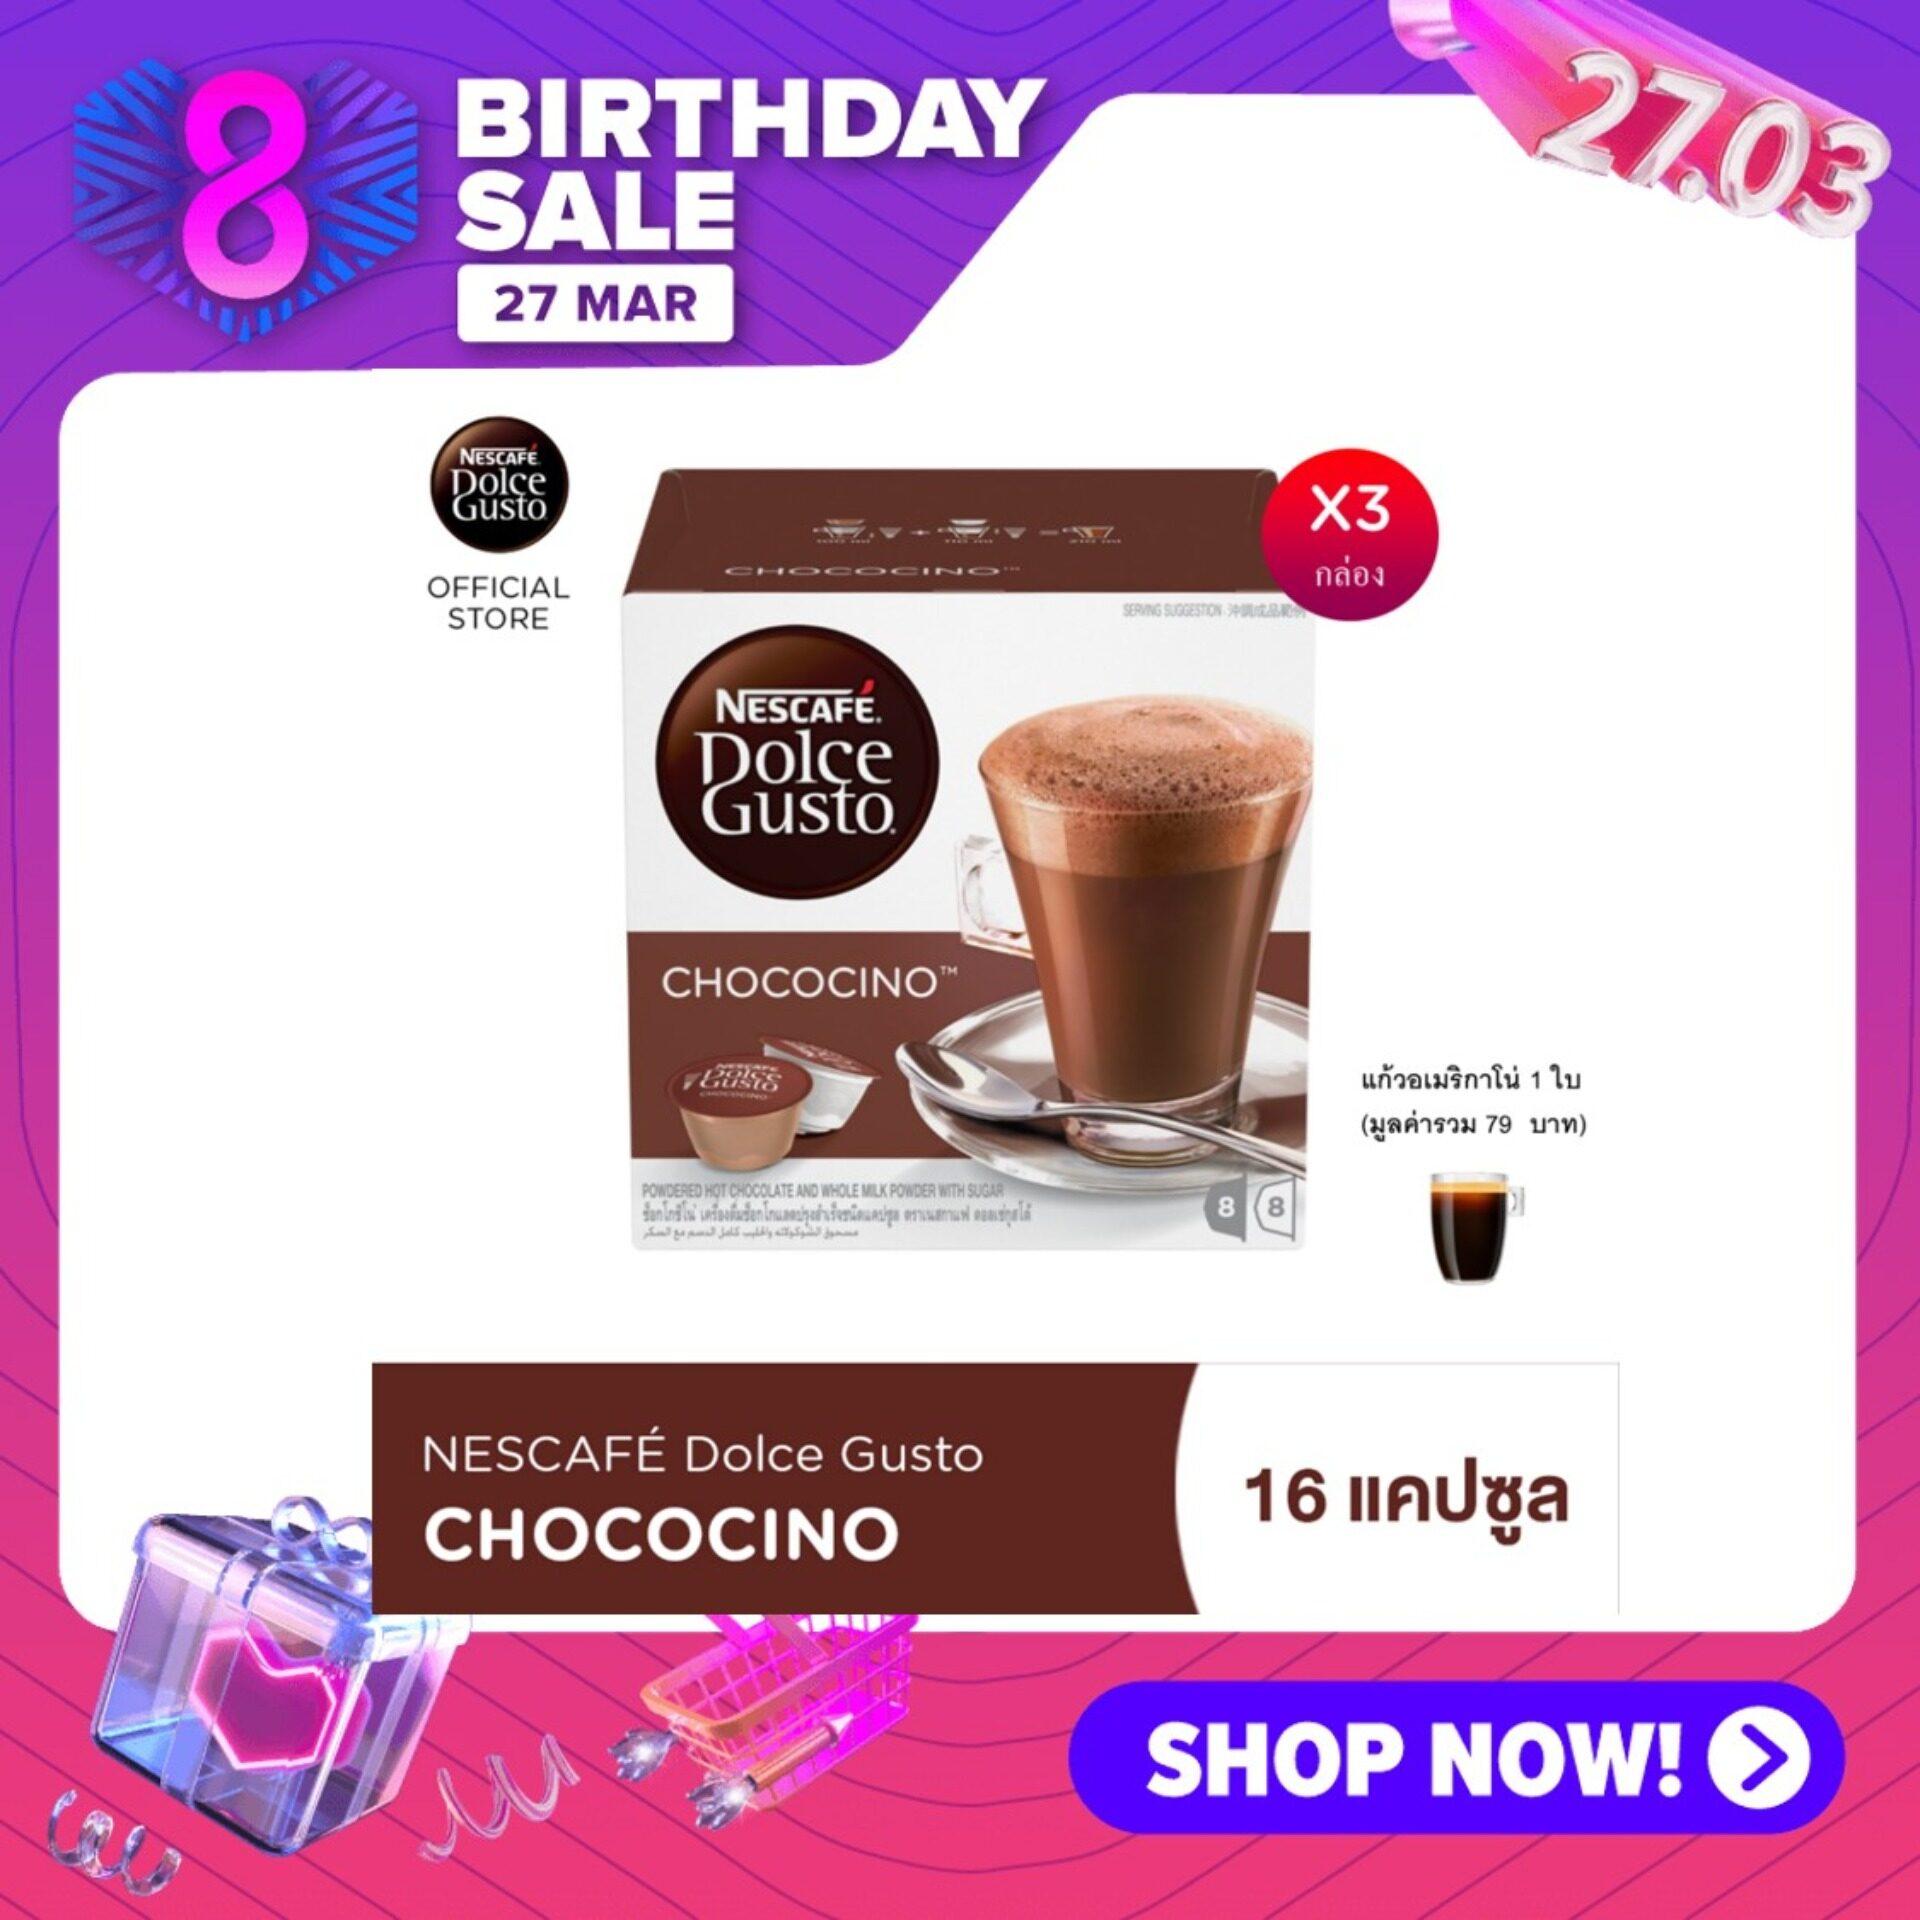 [ฟรี! Americano Single Mug 1 ใบ] NescafÉ Dolce Gusto Chococino ช๊อคโกชิโน่ แคปซูลกาแฟคั่วบด 16แคปซูล/กล่อง (3กล่อง).